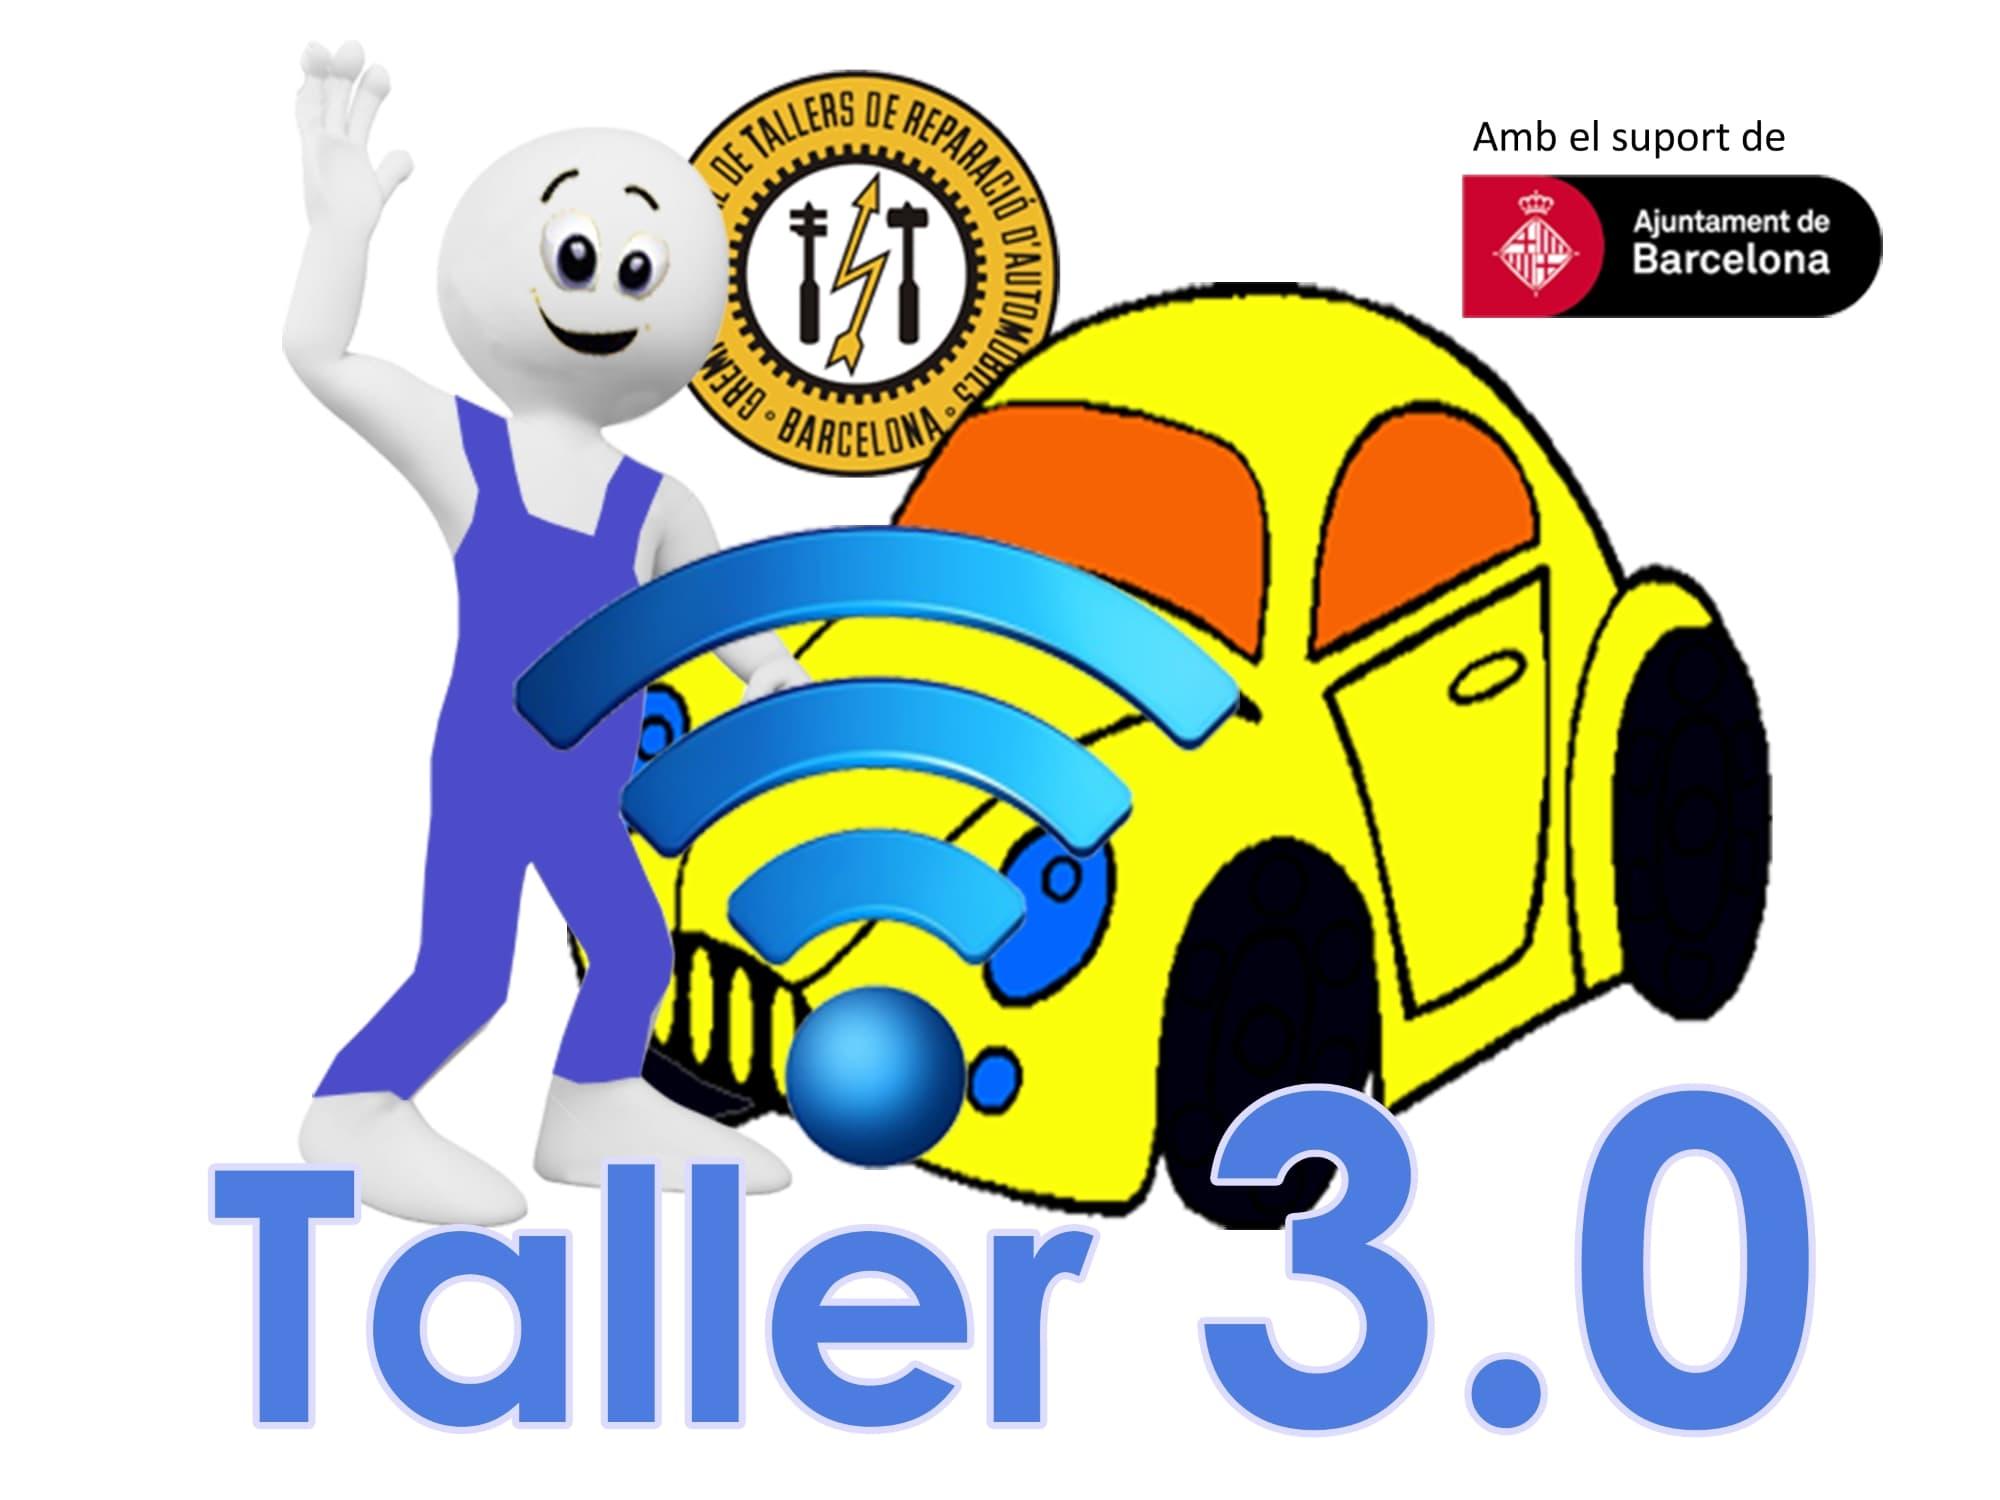 Taller 3.0